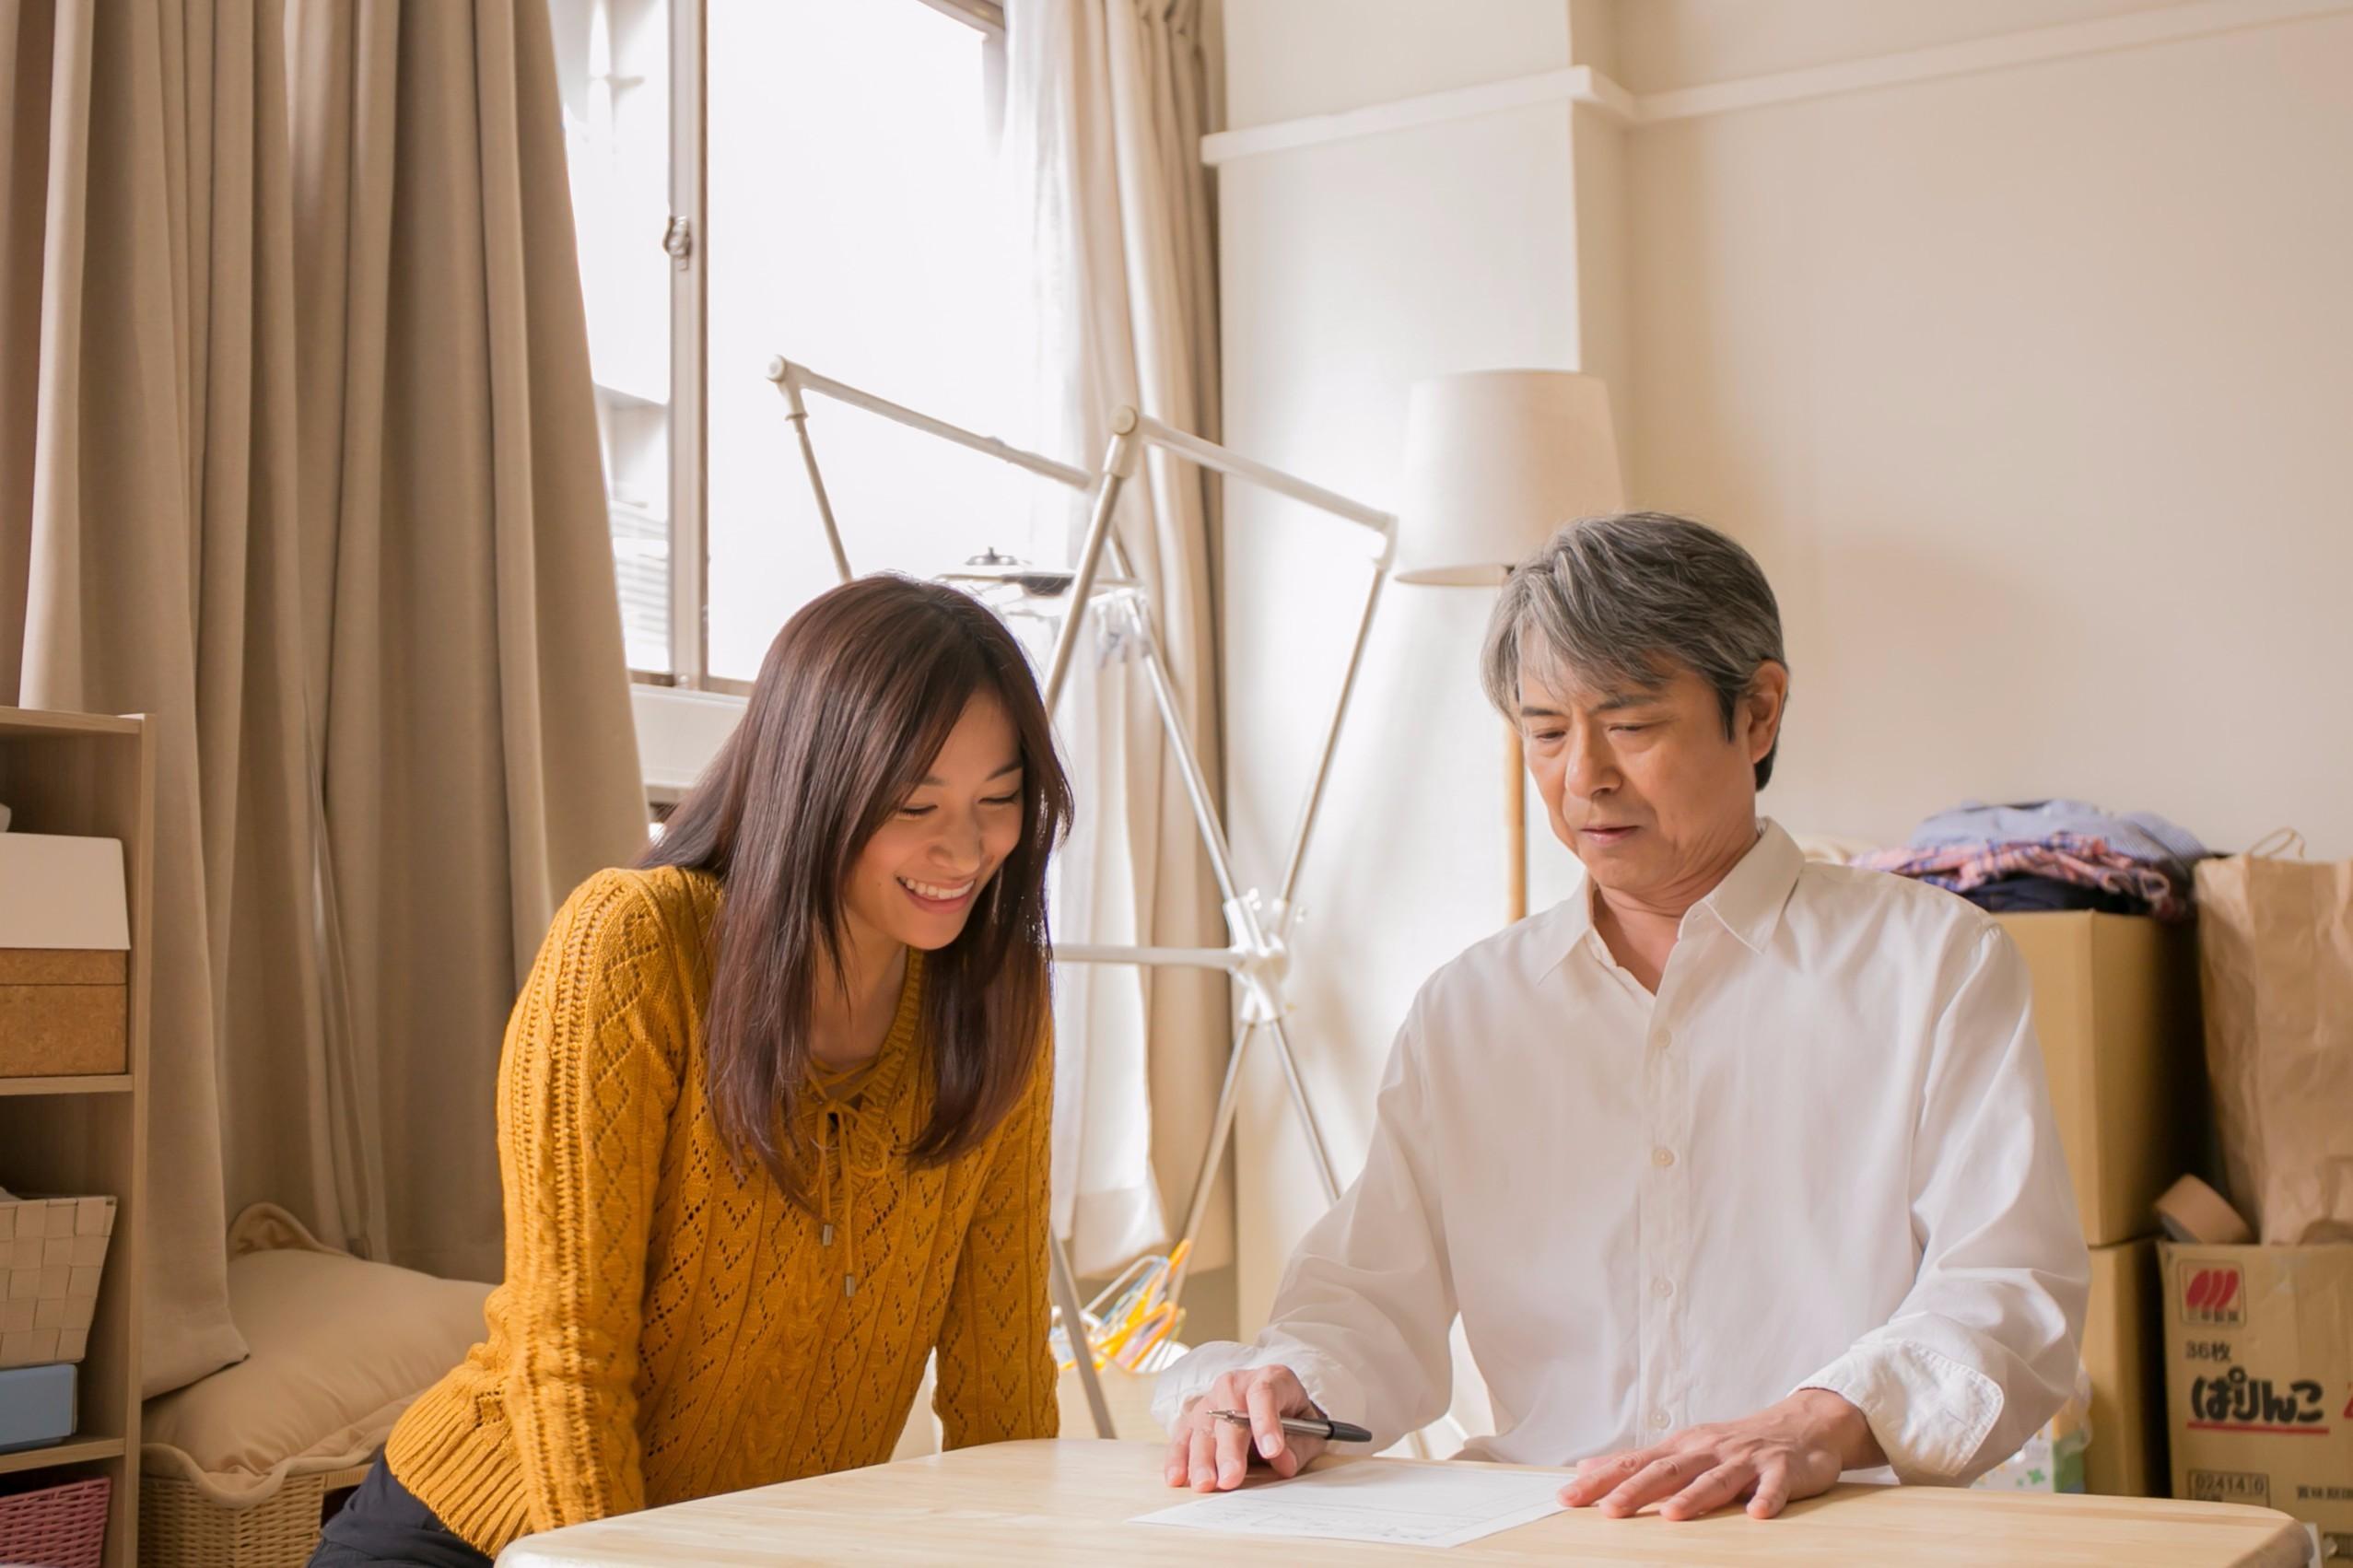 高橋ユウ演じる元子(左)と升毅演じる豊田(右) (C)2016「闇金ドッグス4&5」製作委員会